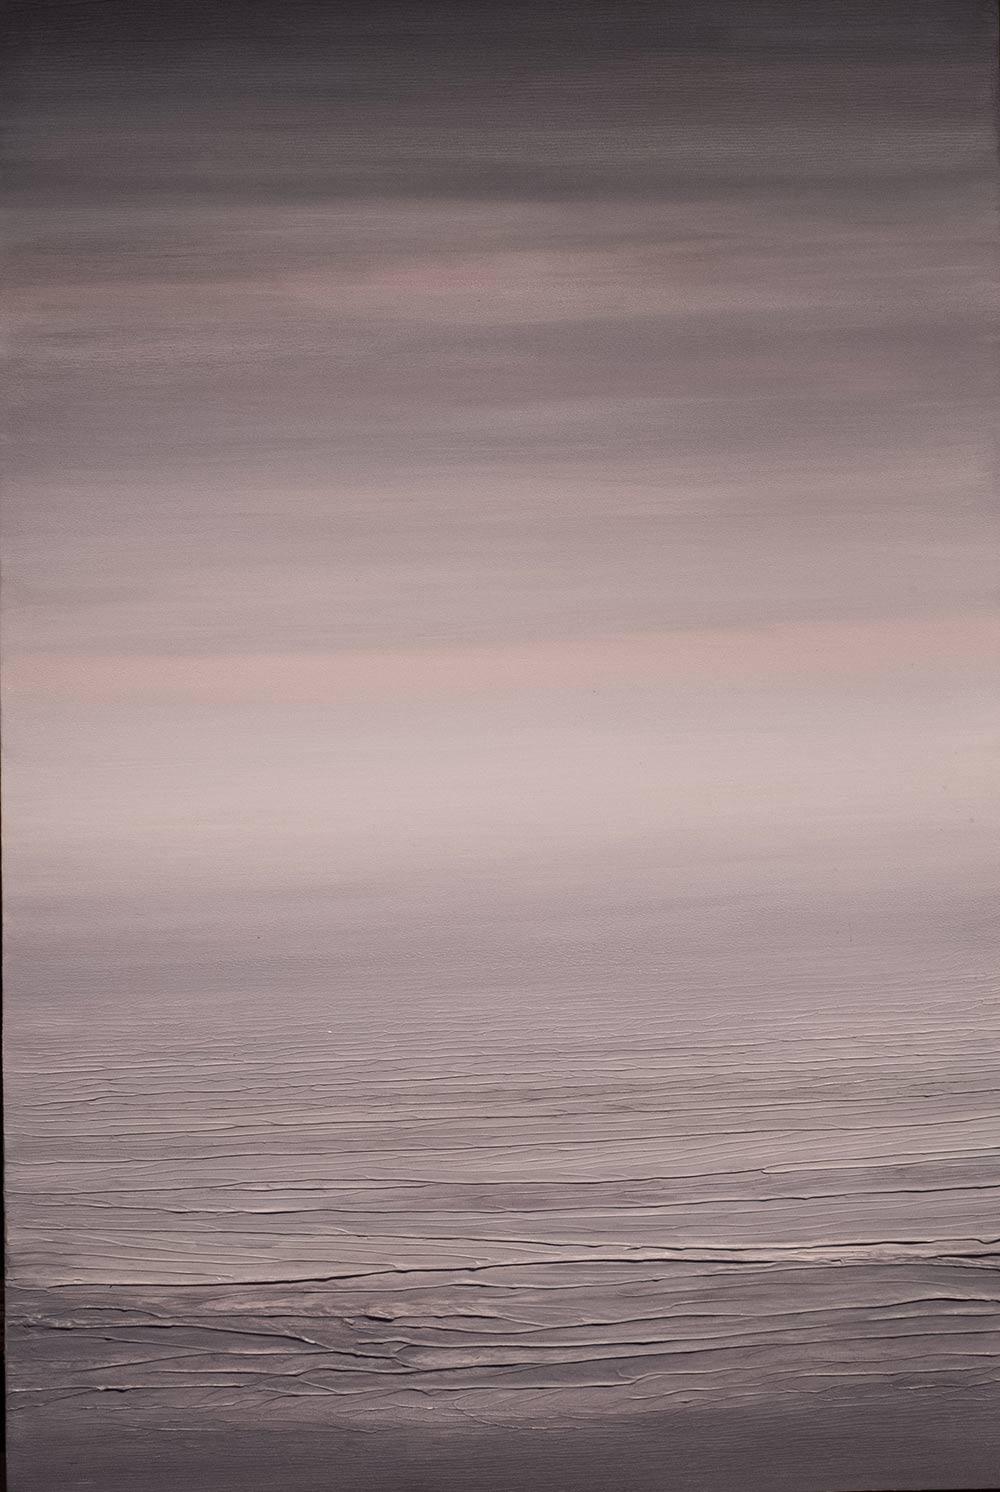 David-Joy-Seascapes-D19-013-41